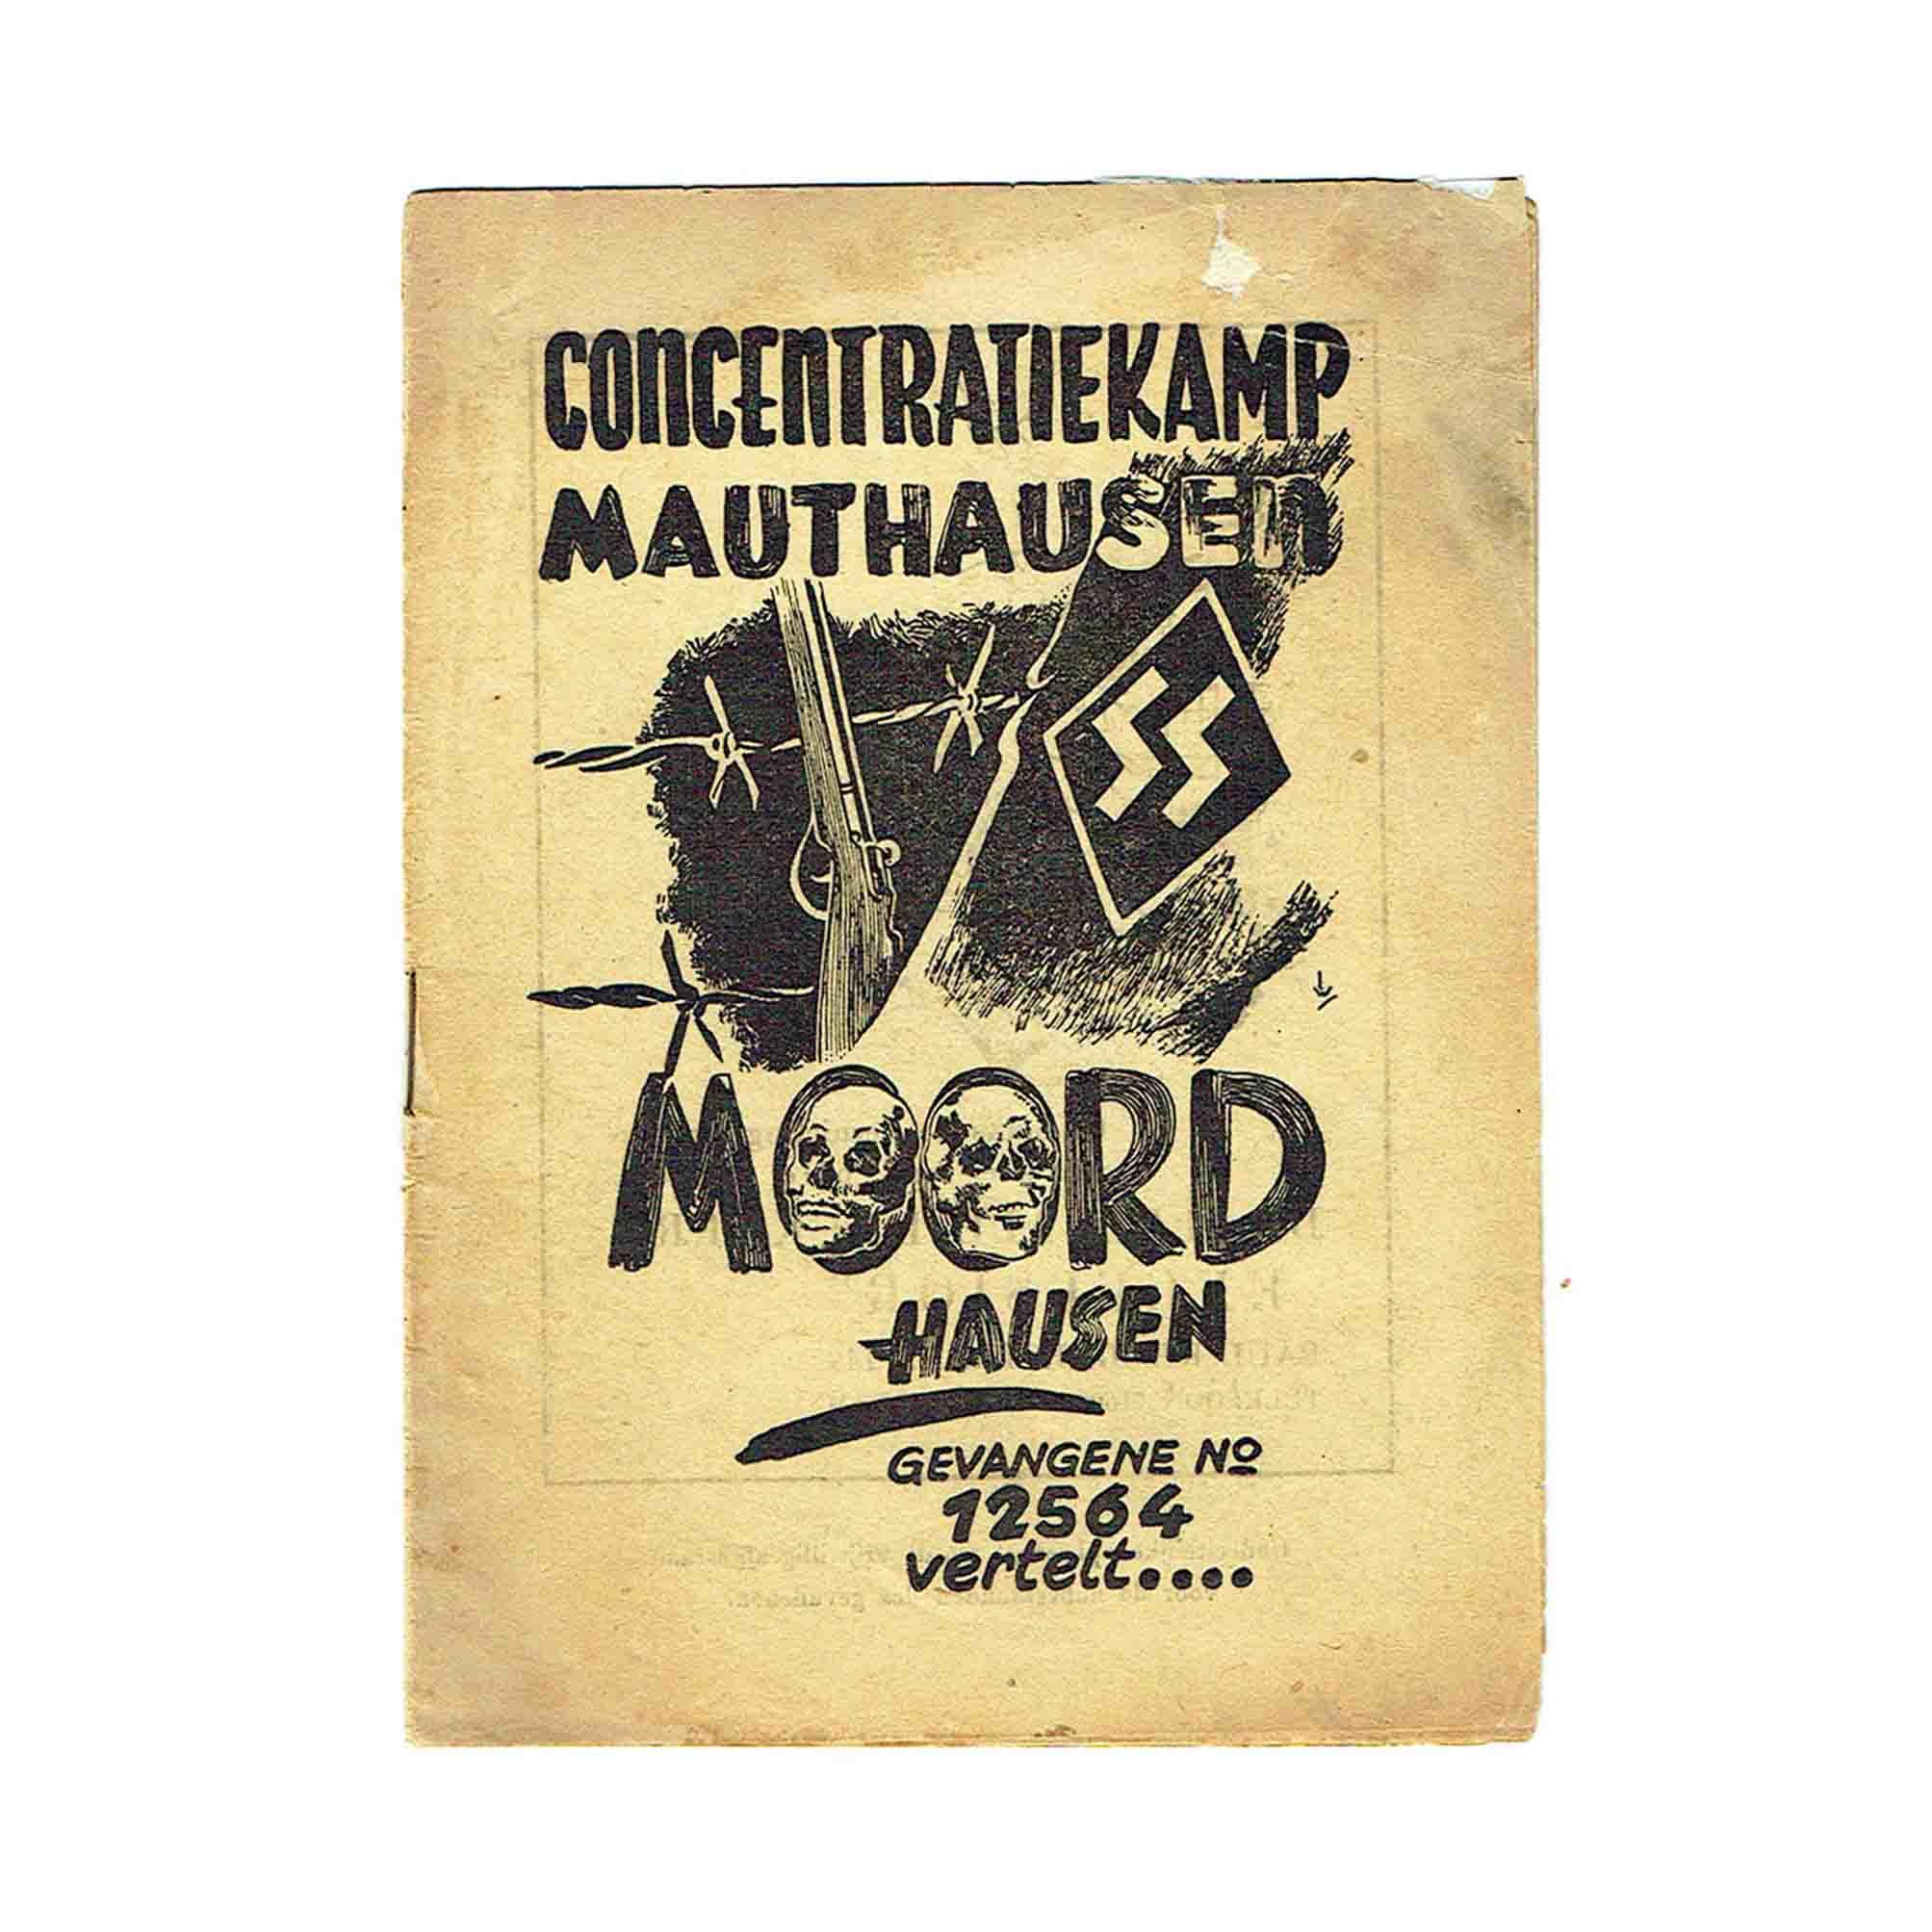 5584-Mauthausen-Erlebnisbeericht-Niederländisch-1945-1946-Umschlag-frei-N.jpeg